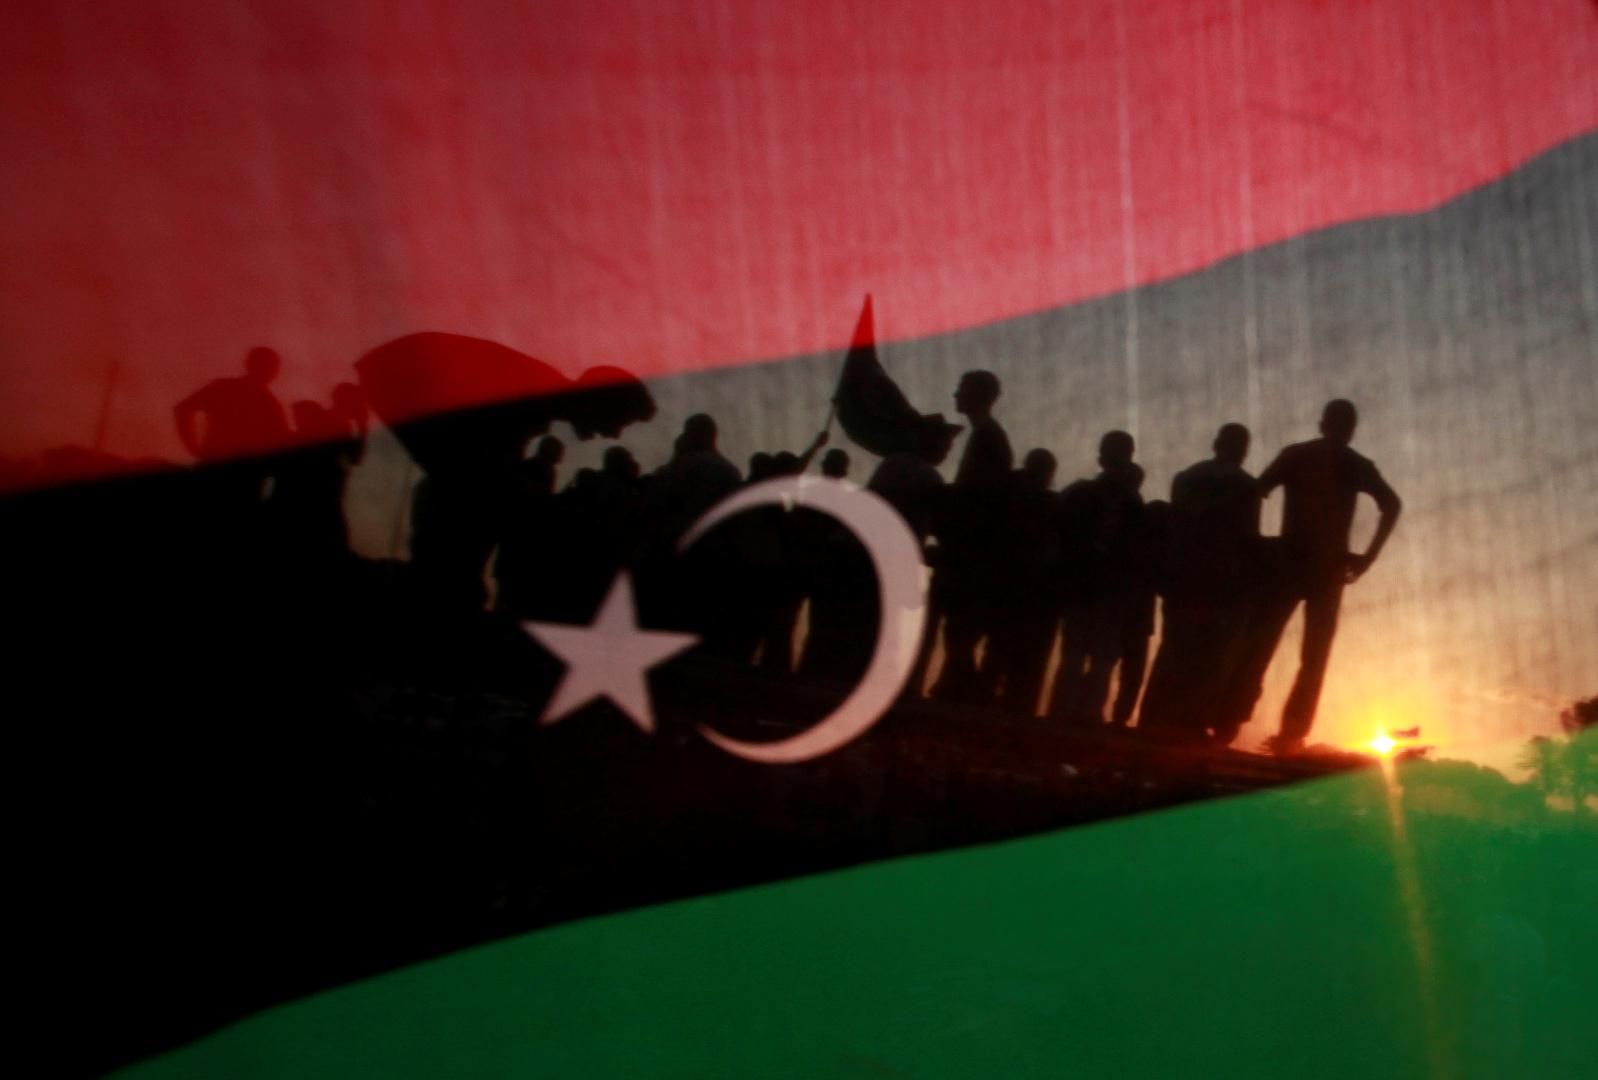 قوات حفتر تعلن إصابة وزير الداخلية في حكومة الوفاق جراء محاولة اغتيال